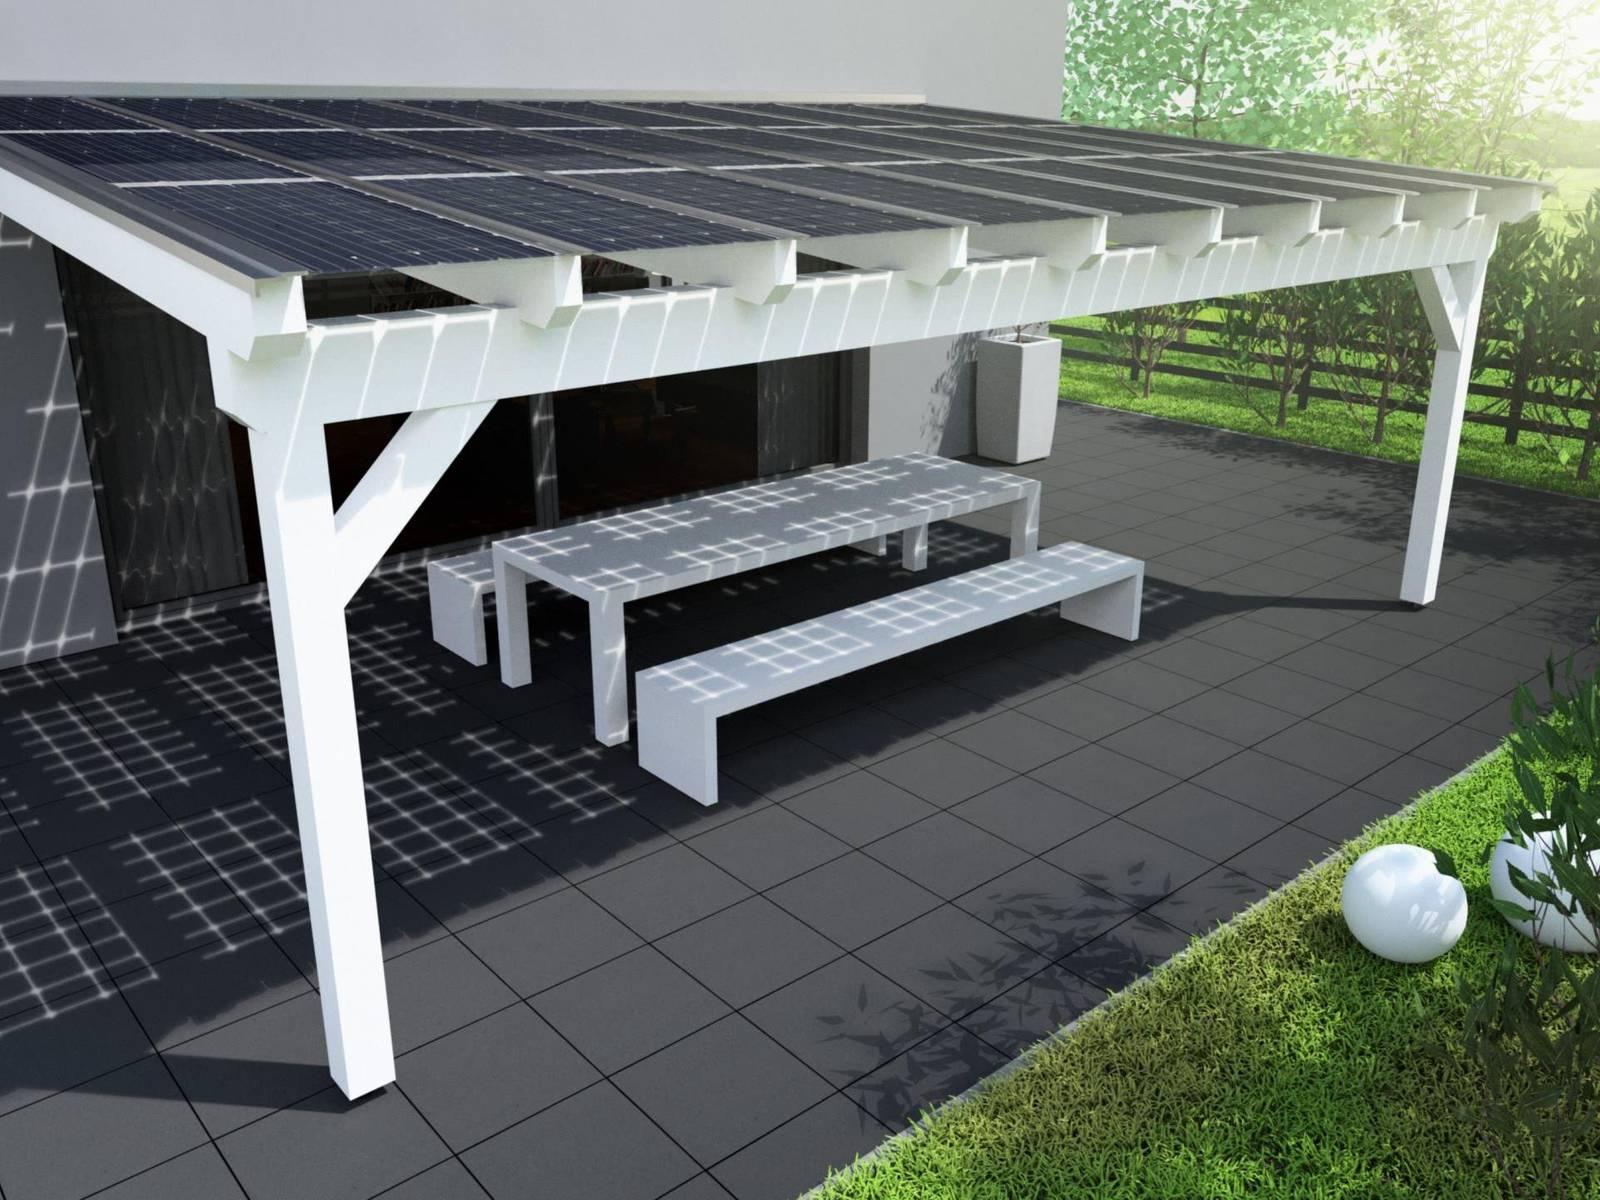 Solarterrasse Holz